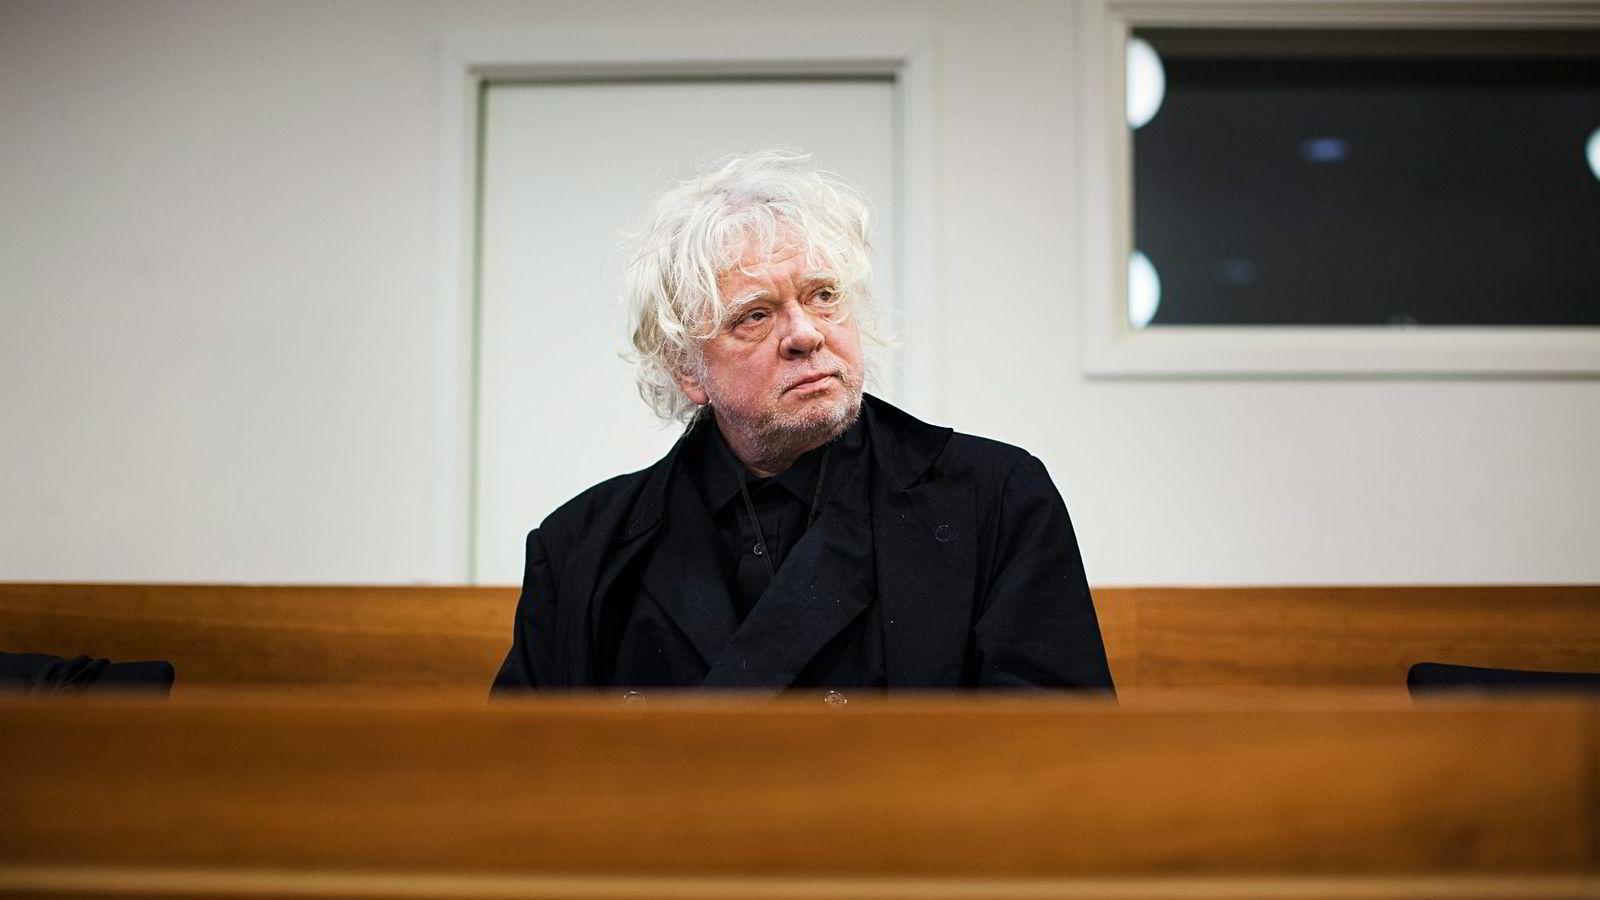 Oslo, Norge, 11.06.2012, Odd Nerdrum anke om skatteundragelser skal opp for lagmannsretten. Foto: Per Thrana